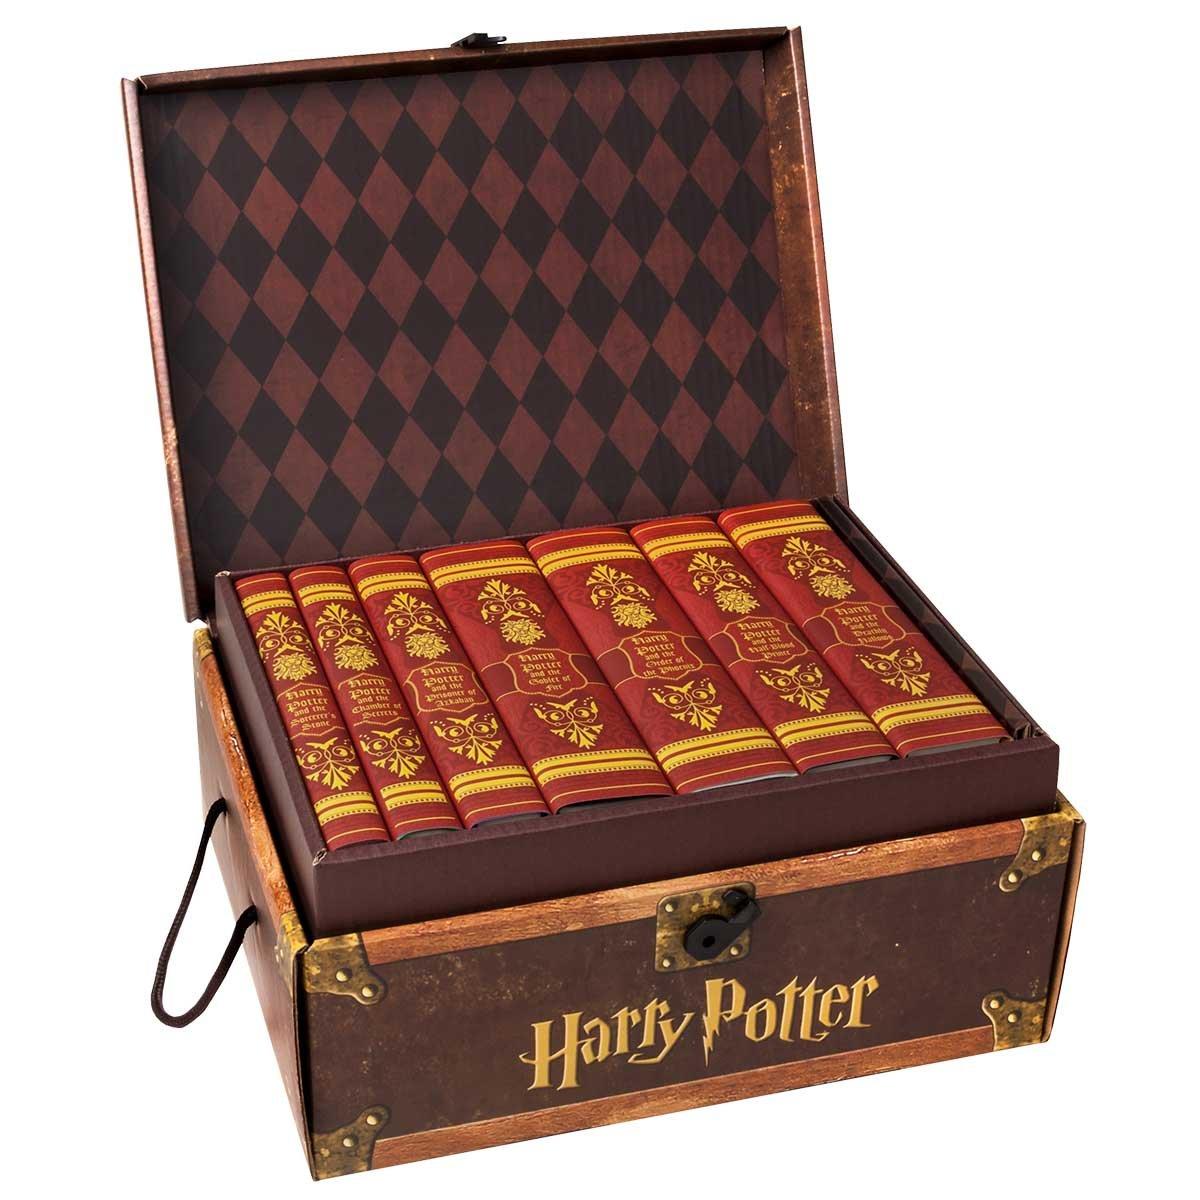 Harry Potter House Trunk Sets (Gryffindor Set) by Juniper Books